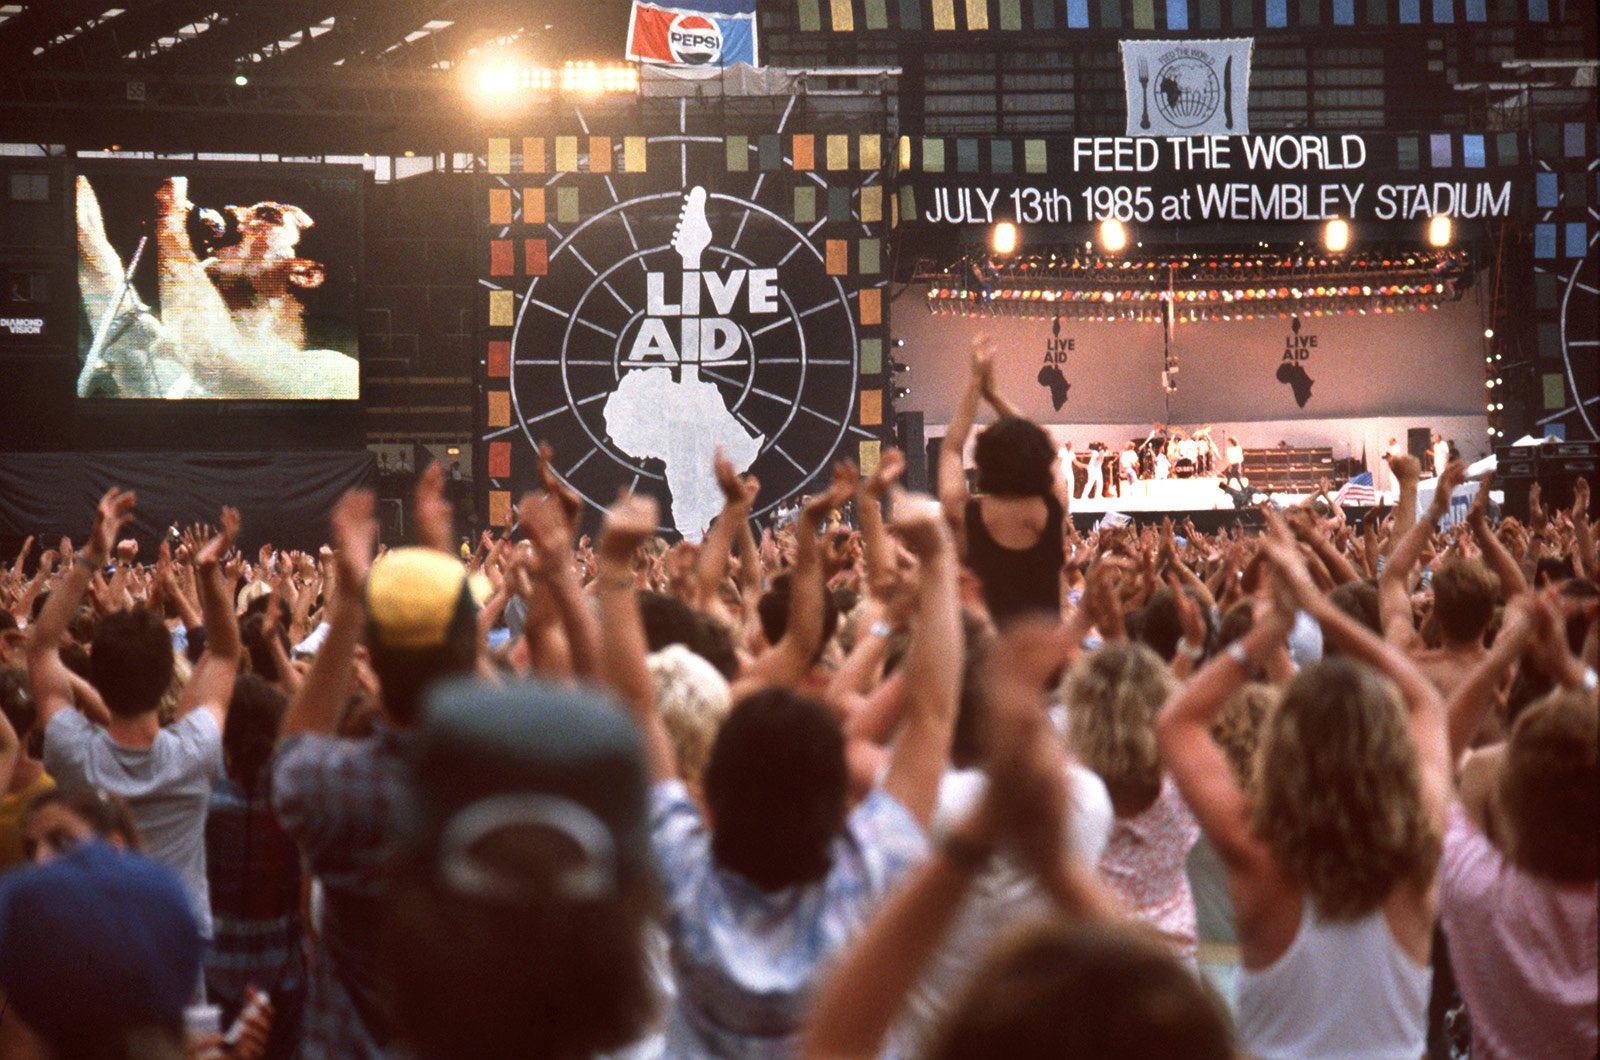 SE CUMPLEN 35 AÑOS DEL LIVE AID, EL SHOW MÁS GRANDE DEL ROCK Y DEL SIGLO XX